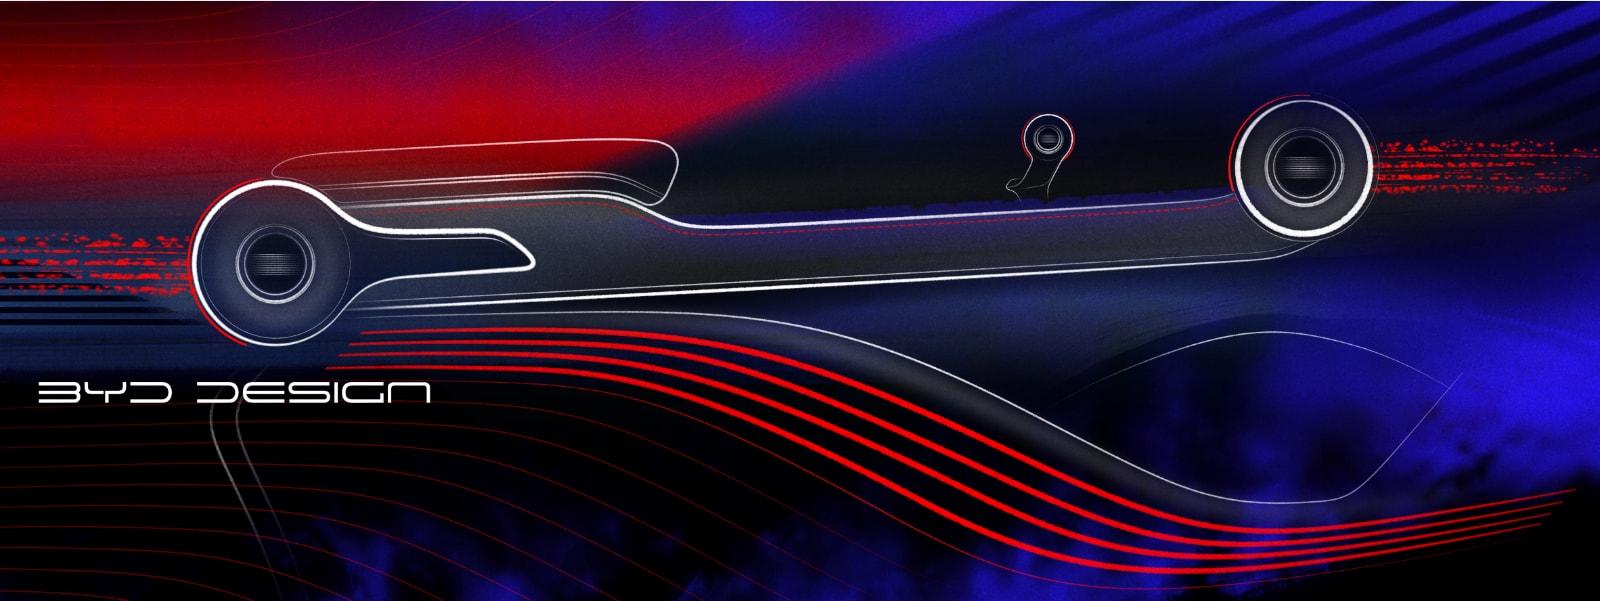 「汽车V报」本田品牌纯电动车预告图曝光;比亚迪元PLUS内饰效果图曝光-20211009-VDGER